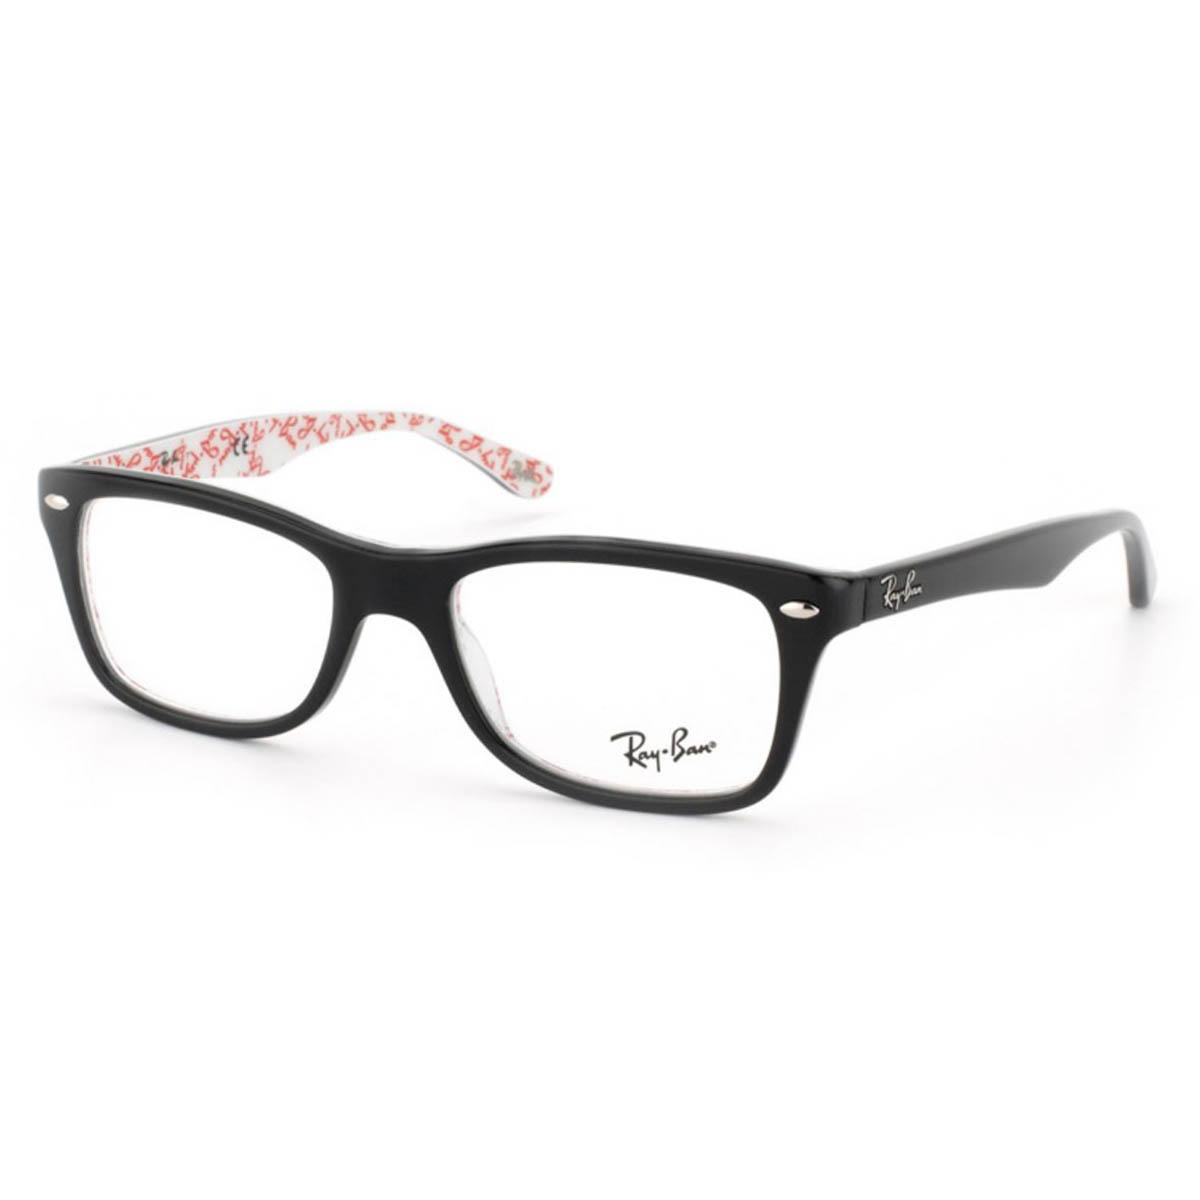 Óculos de Grau Ray Ban RX5228 Preto Brilho com Branco